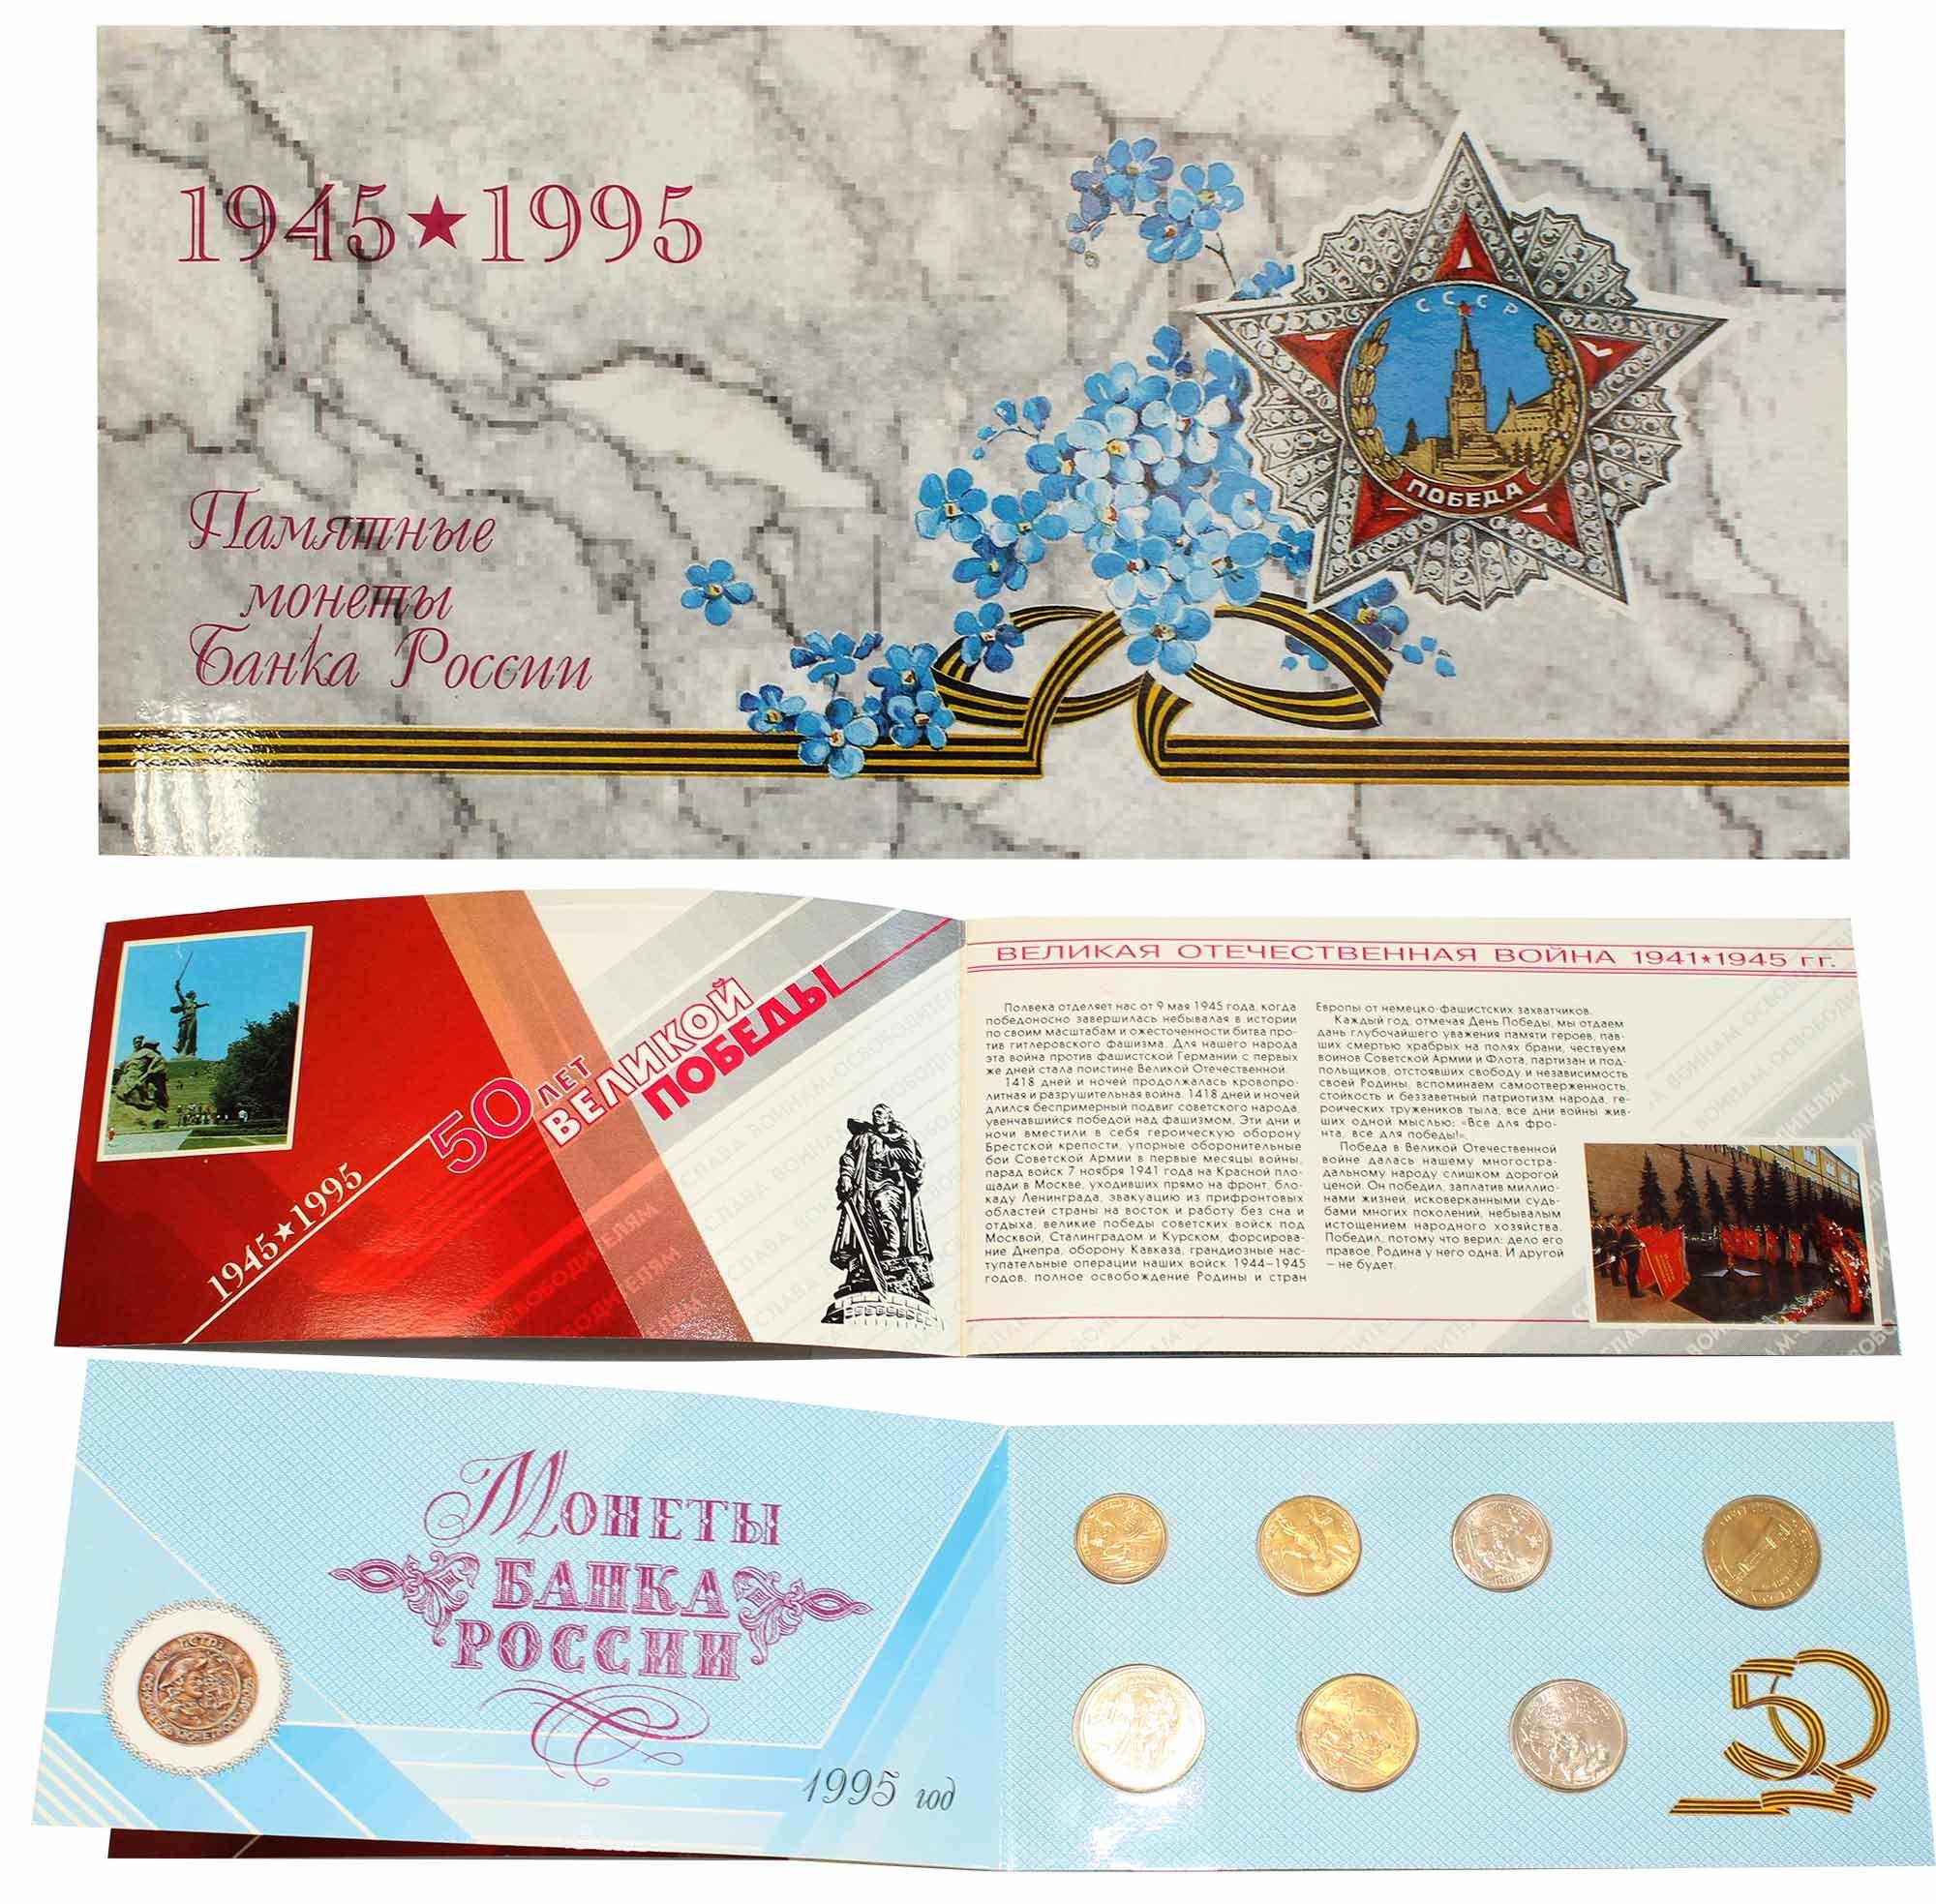 50 лет Великой Победы 1945-1995 в официальном буклете и жетоном